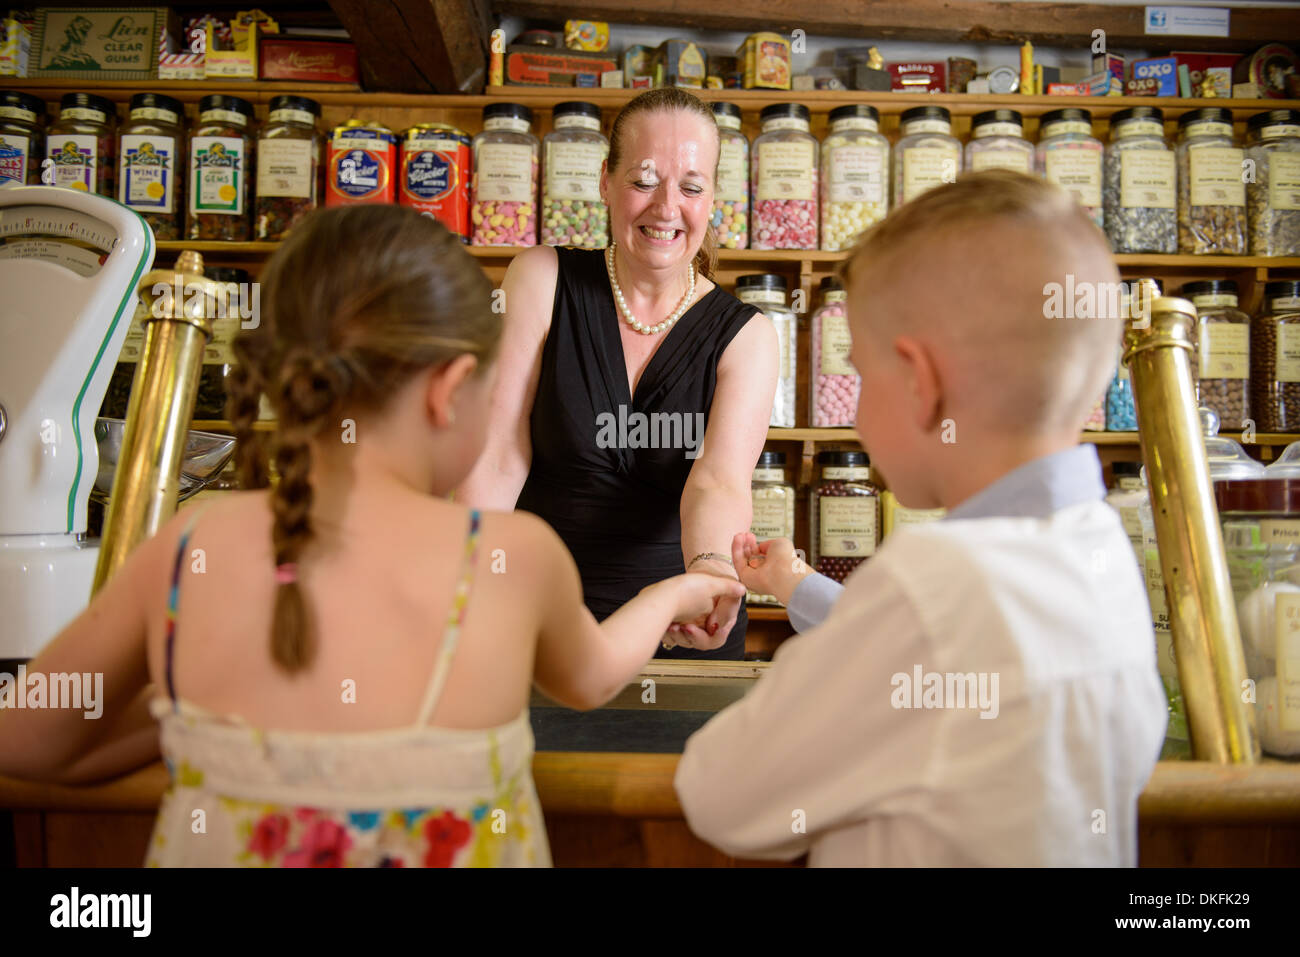 Bambini i dolci di acquisto dal tradizionale negozio di dolci Immagini Stock